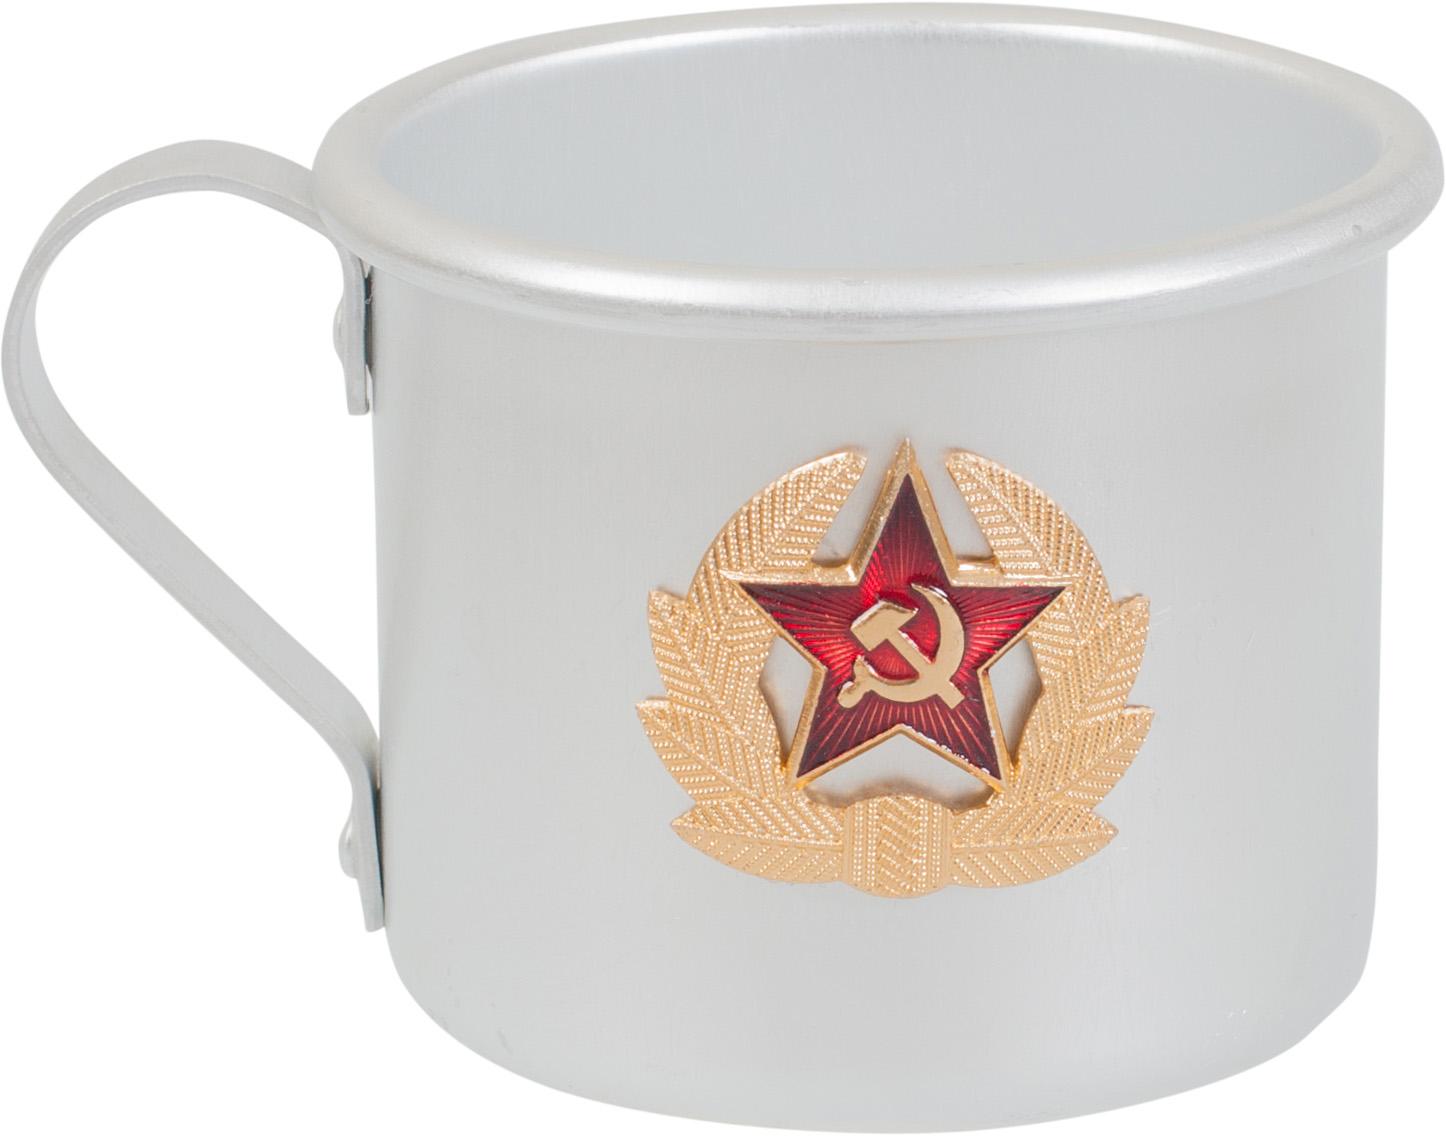 Кружка армейская СА | Армейские сувениры Кружка армейская СА